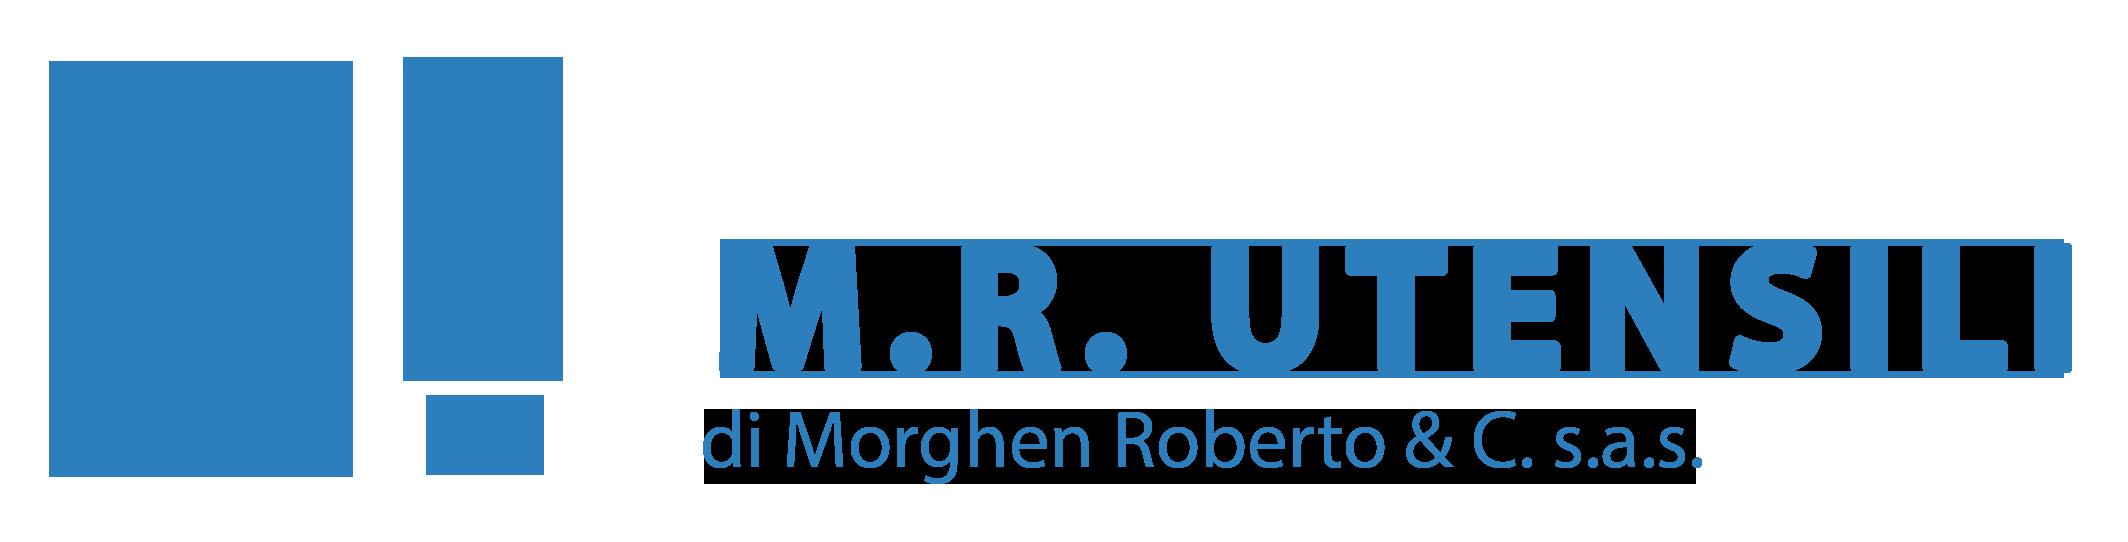 Mr Utensili di Morghen Roberto